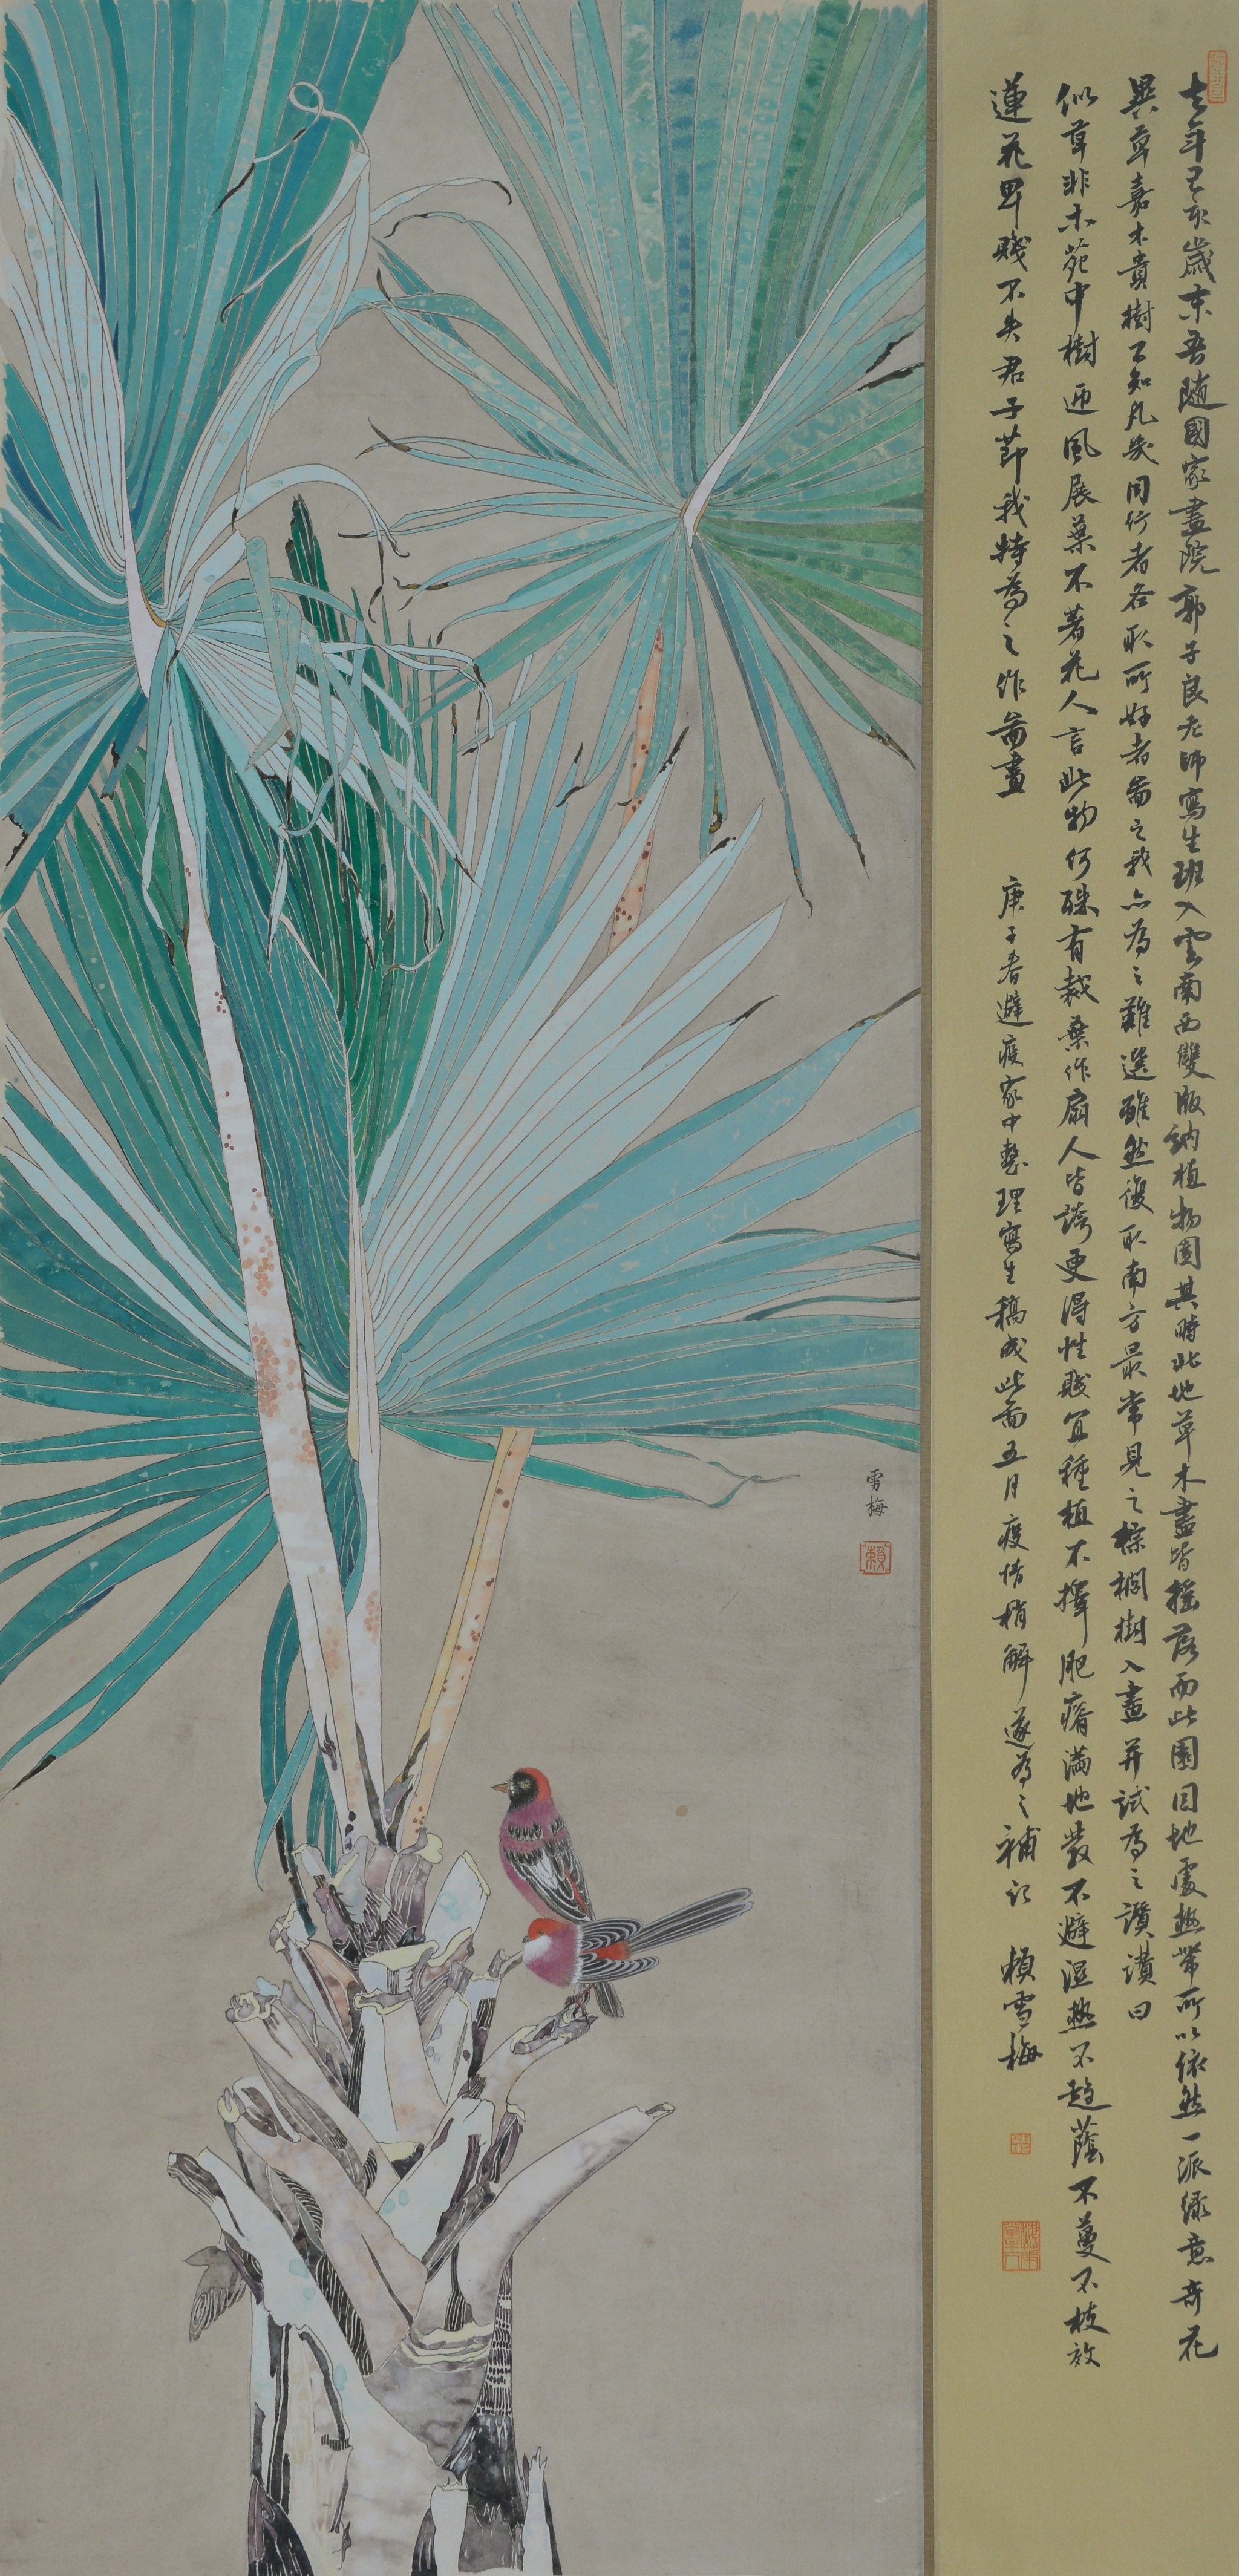 07《棕榈双鸟图》赖雪梅